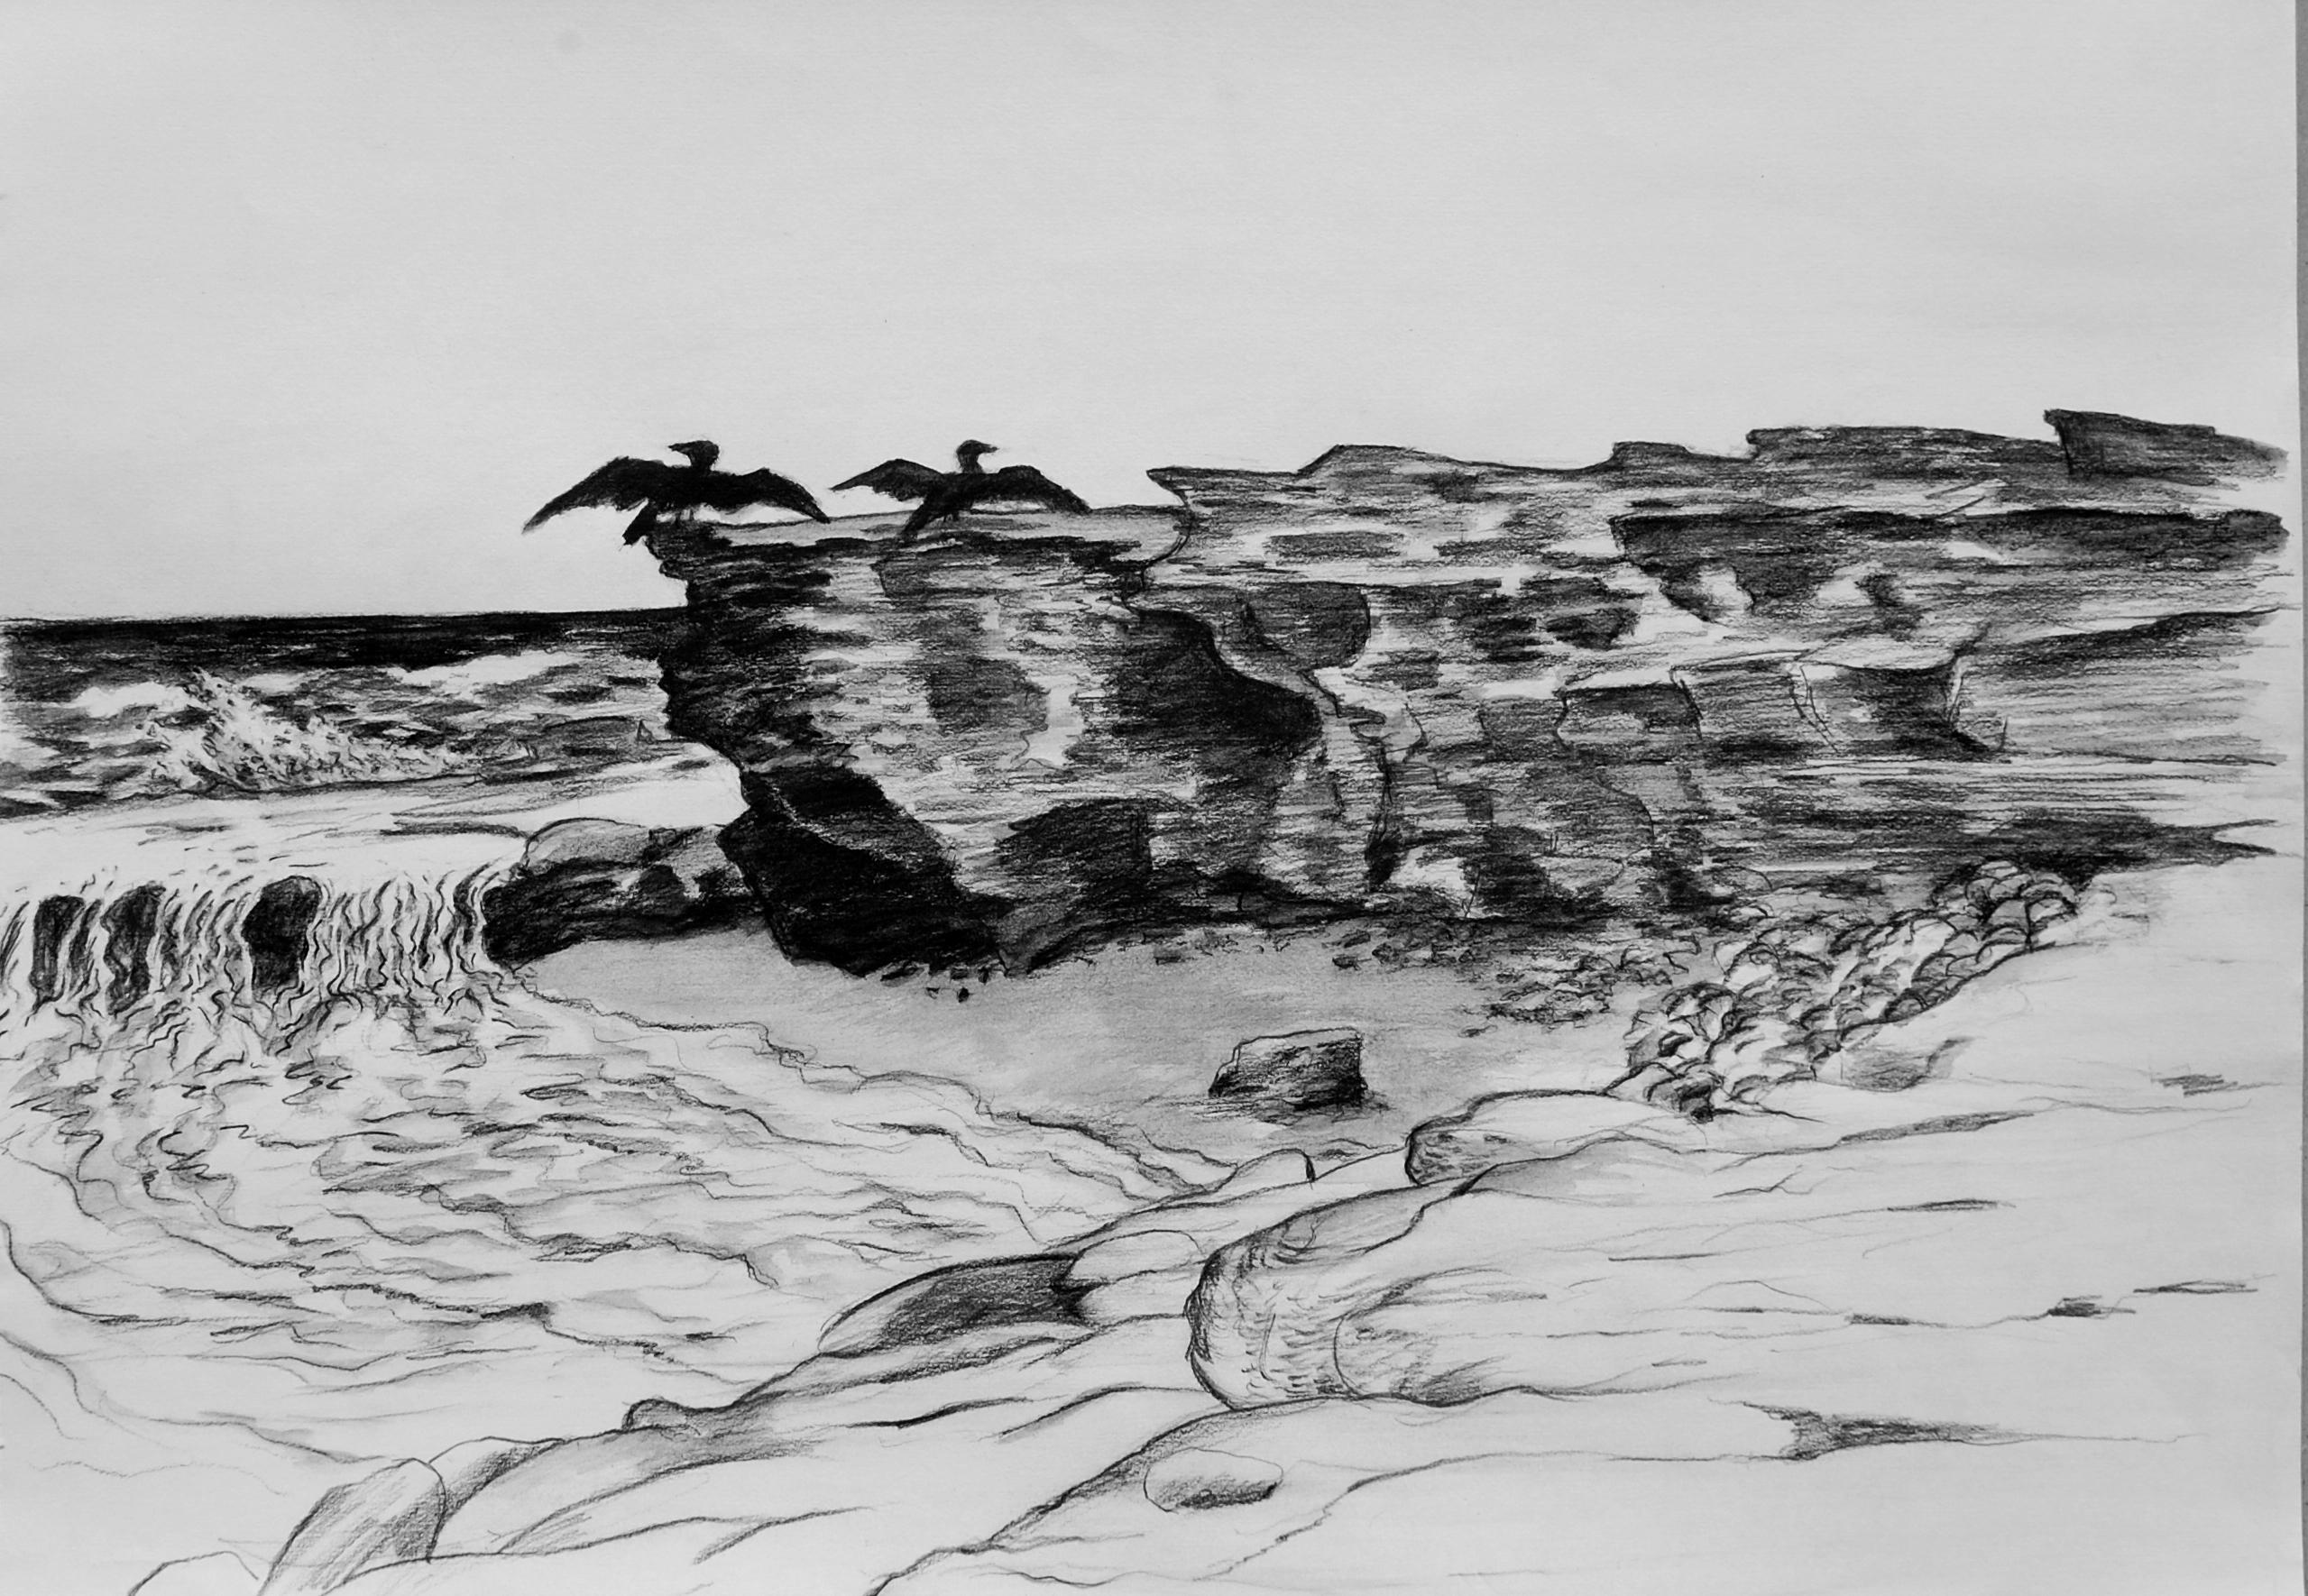 Cormorants at Shelly